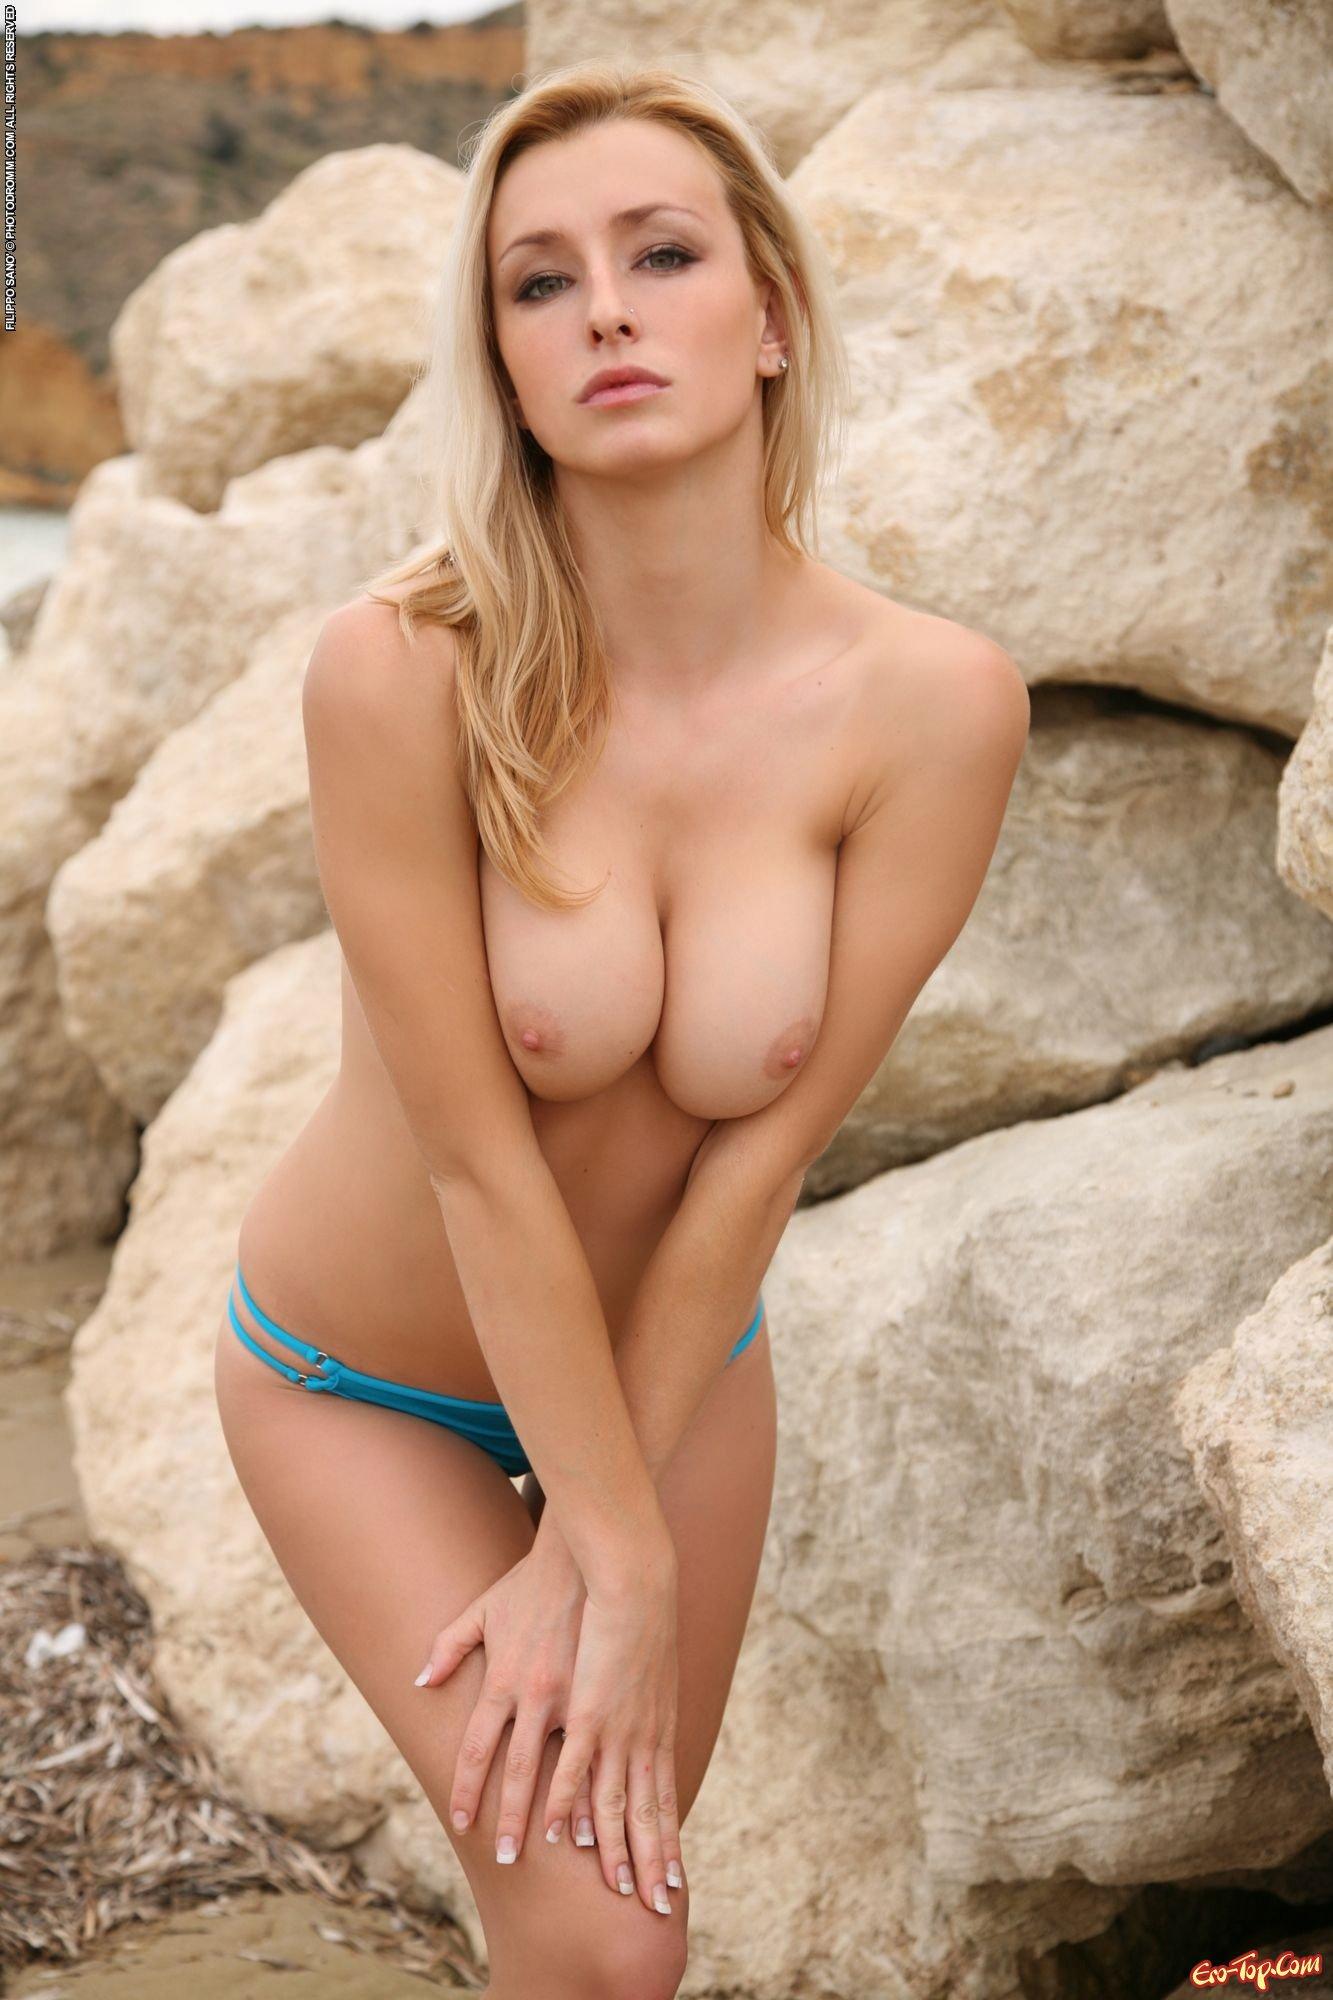 Блондинка с упругим туловищем на берегу моря